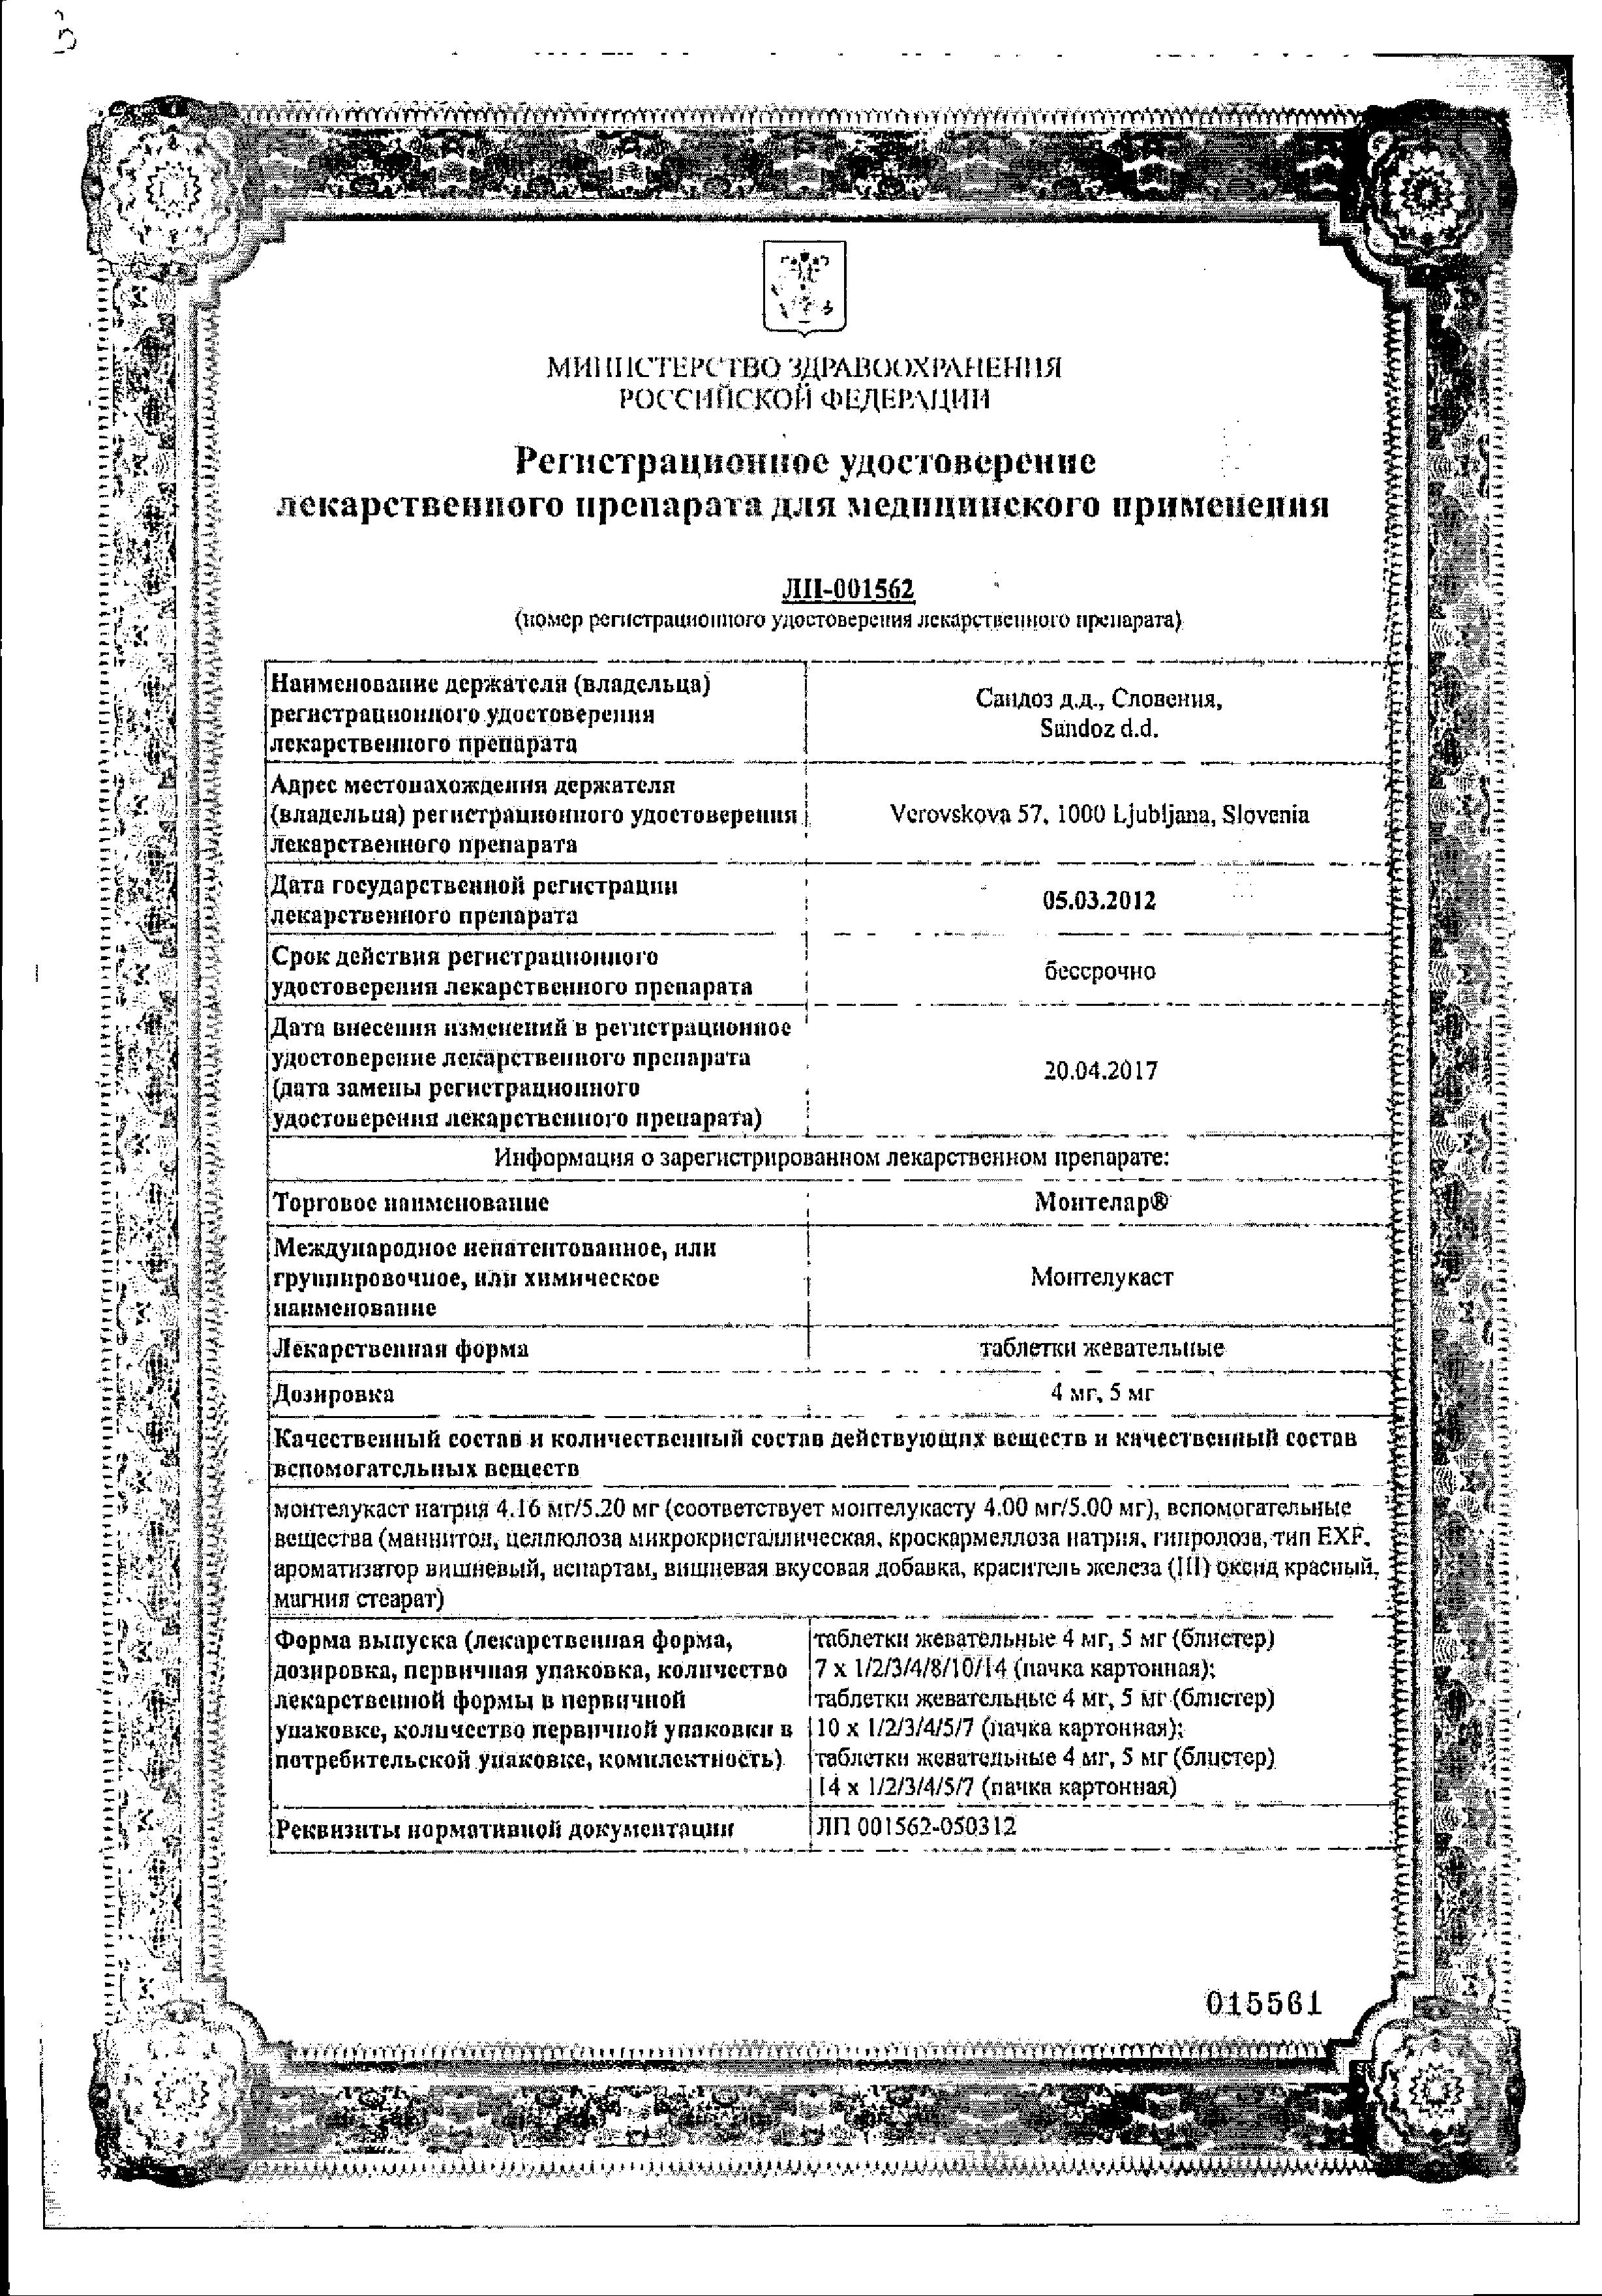 Монтелар сертификат